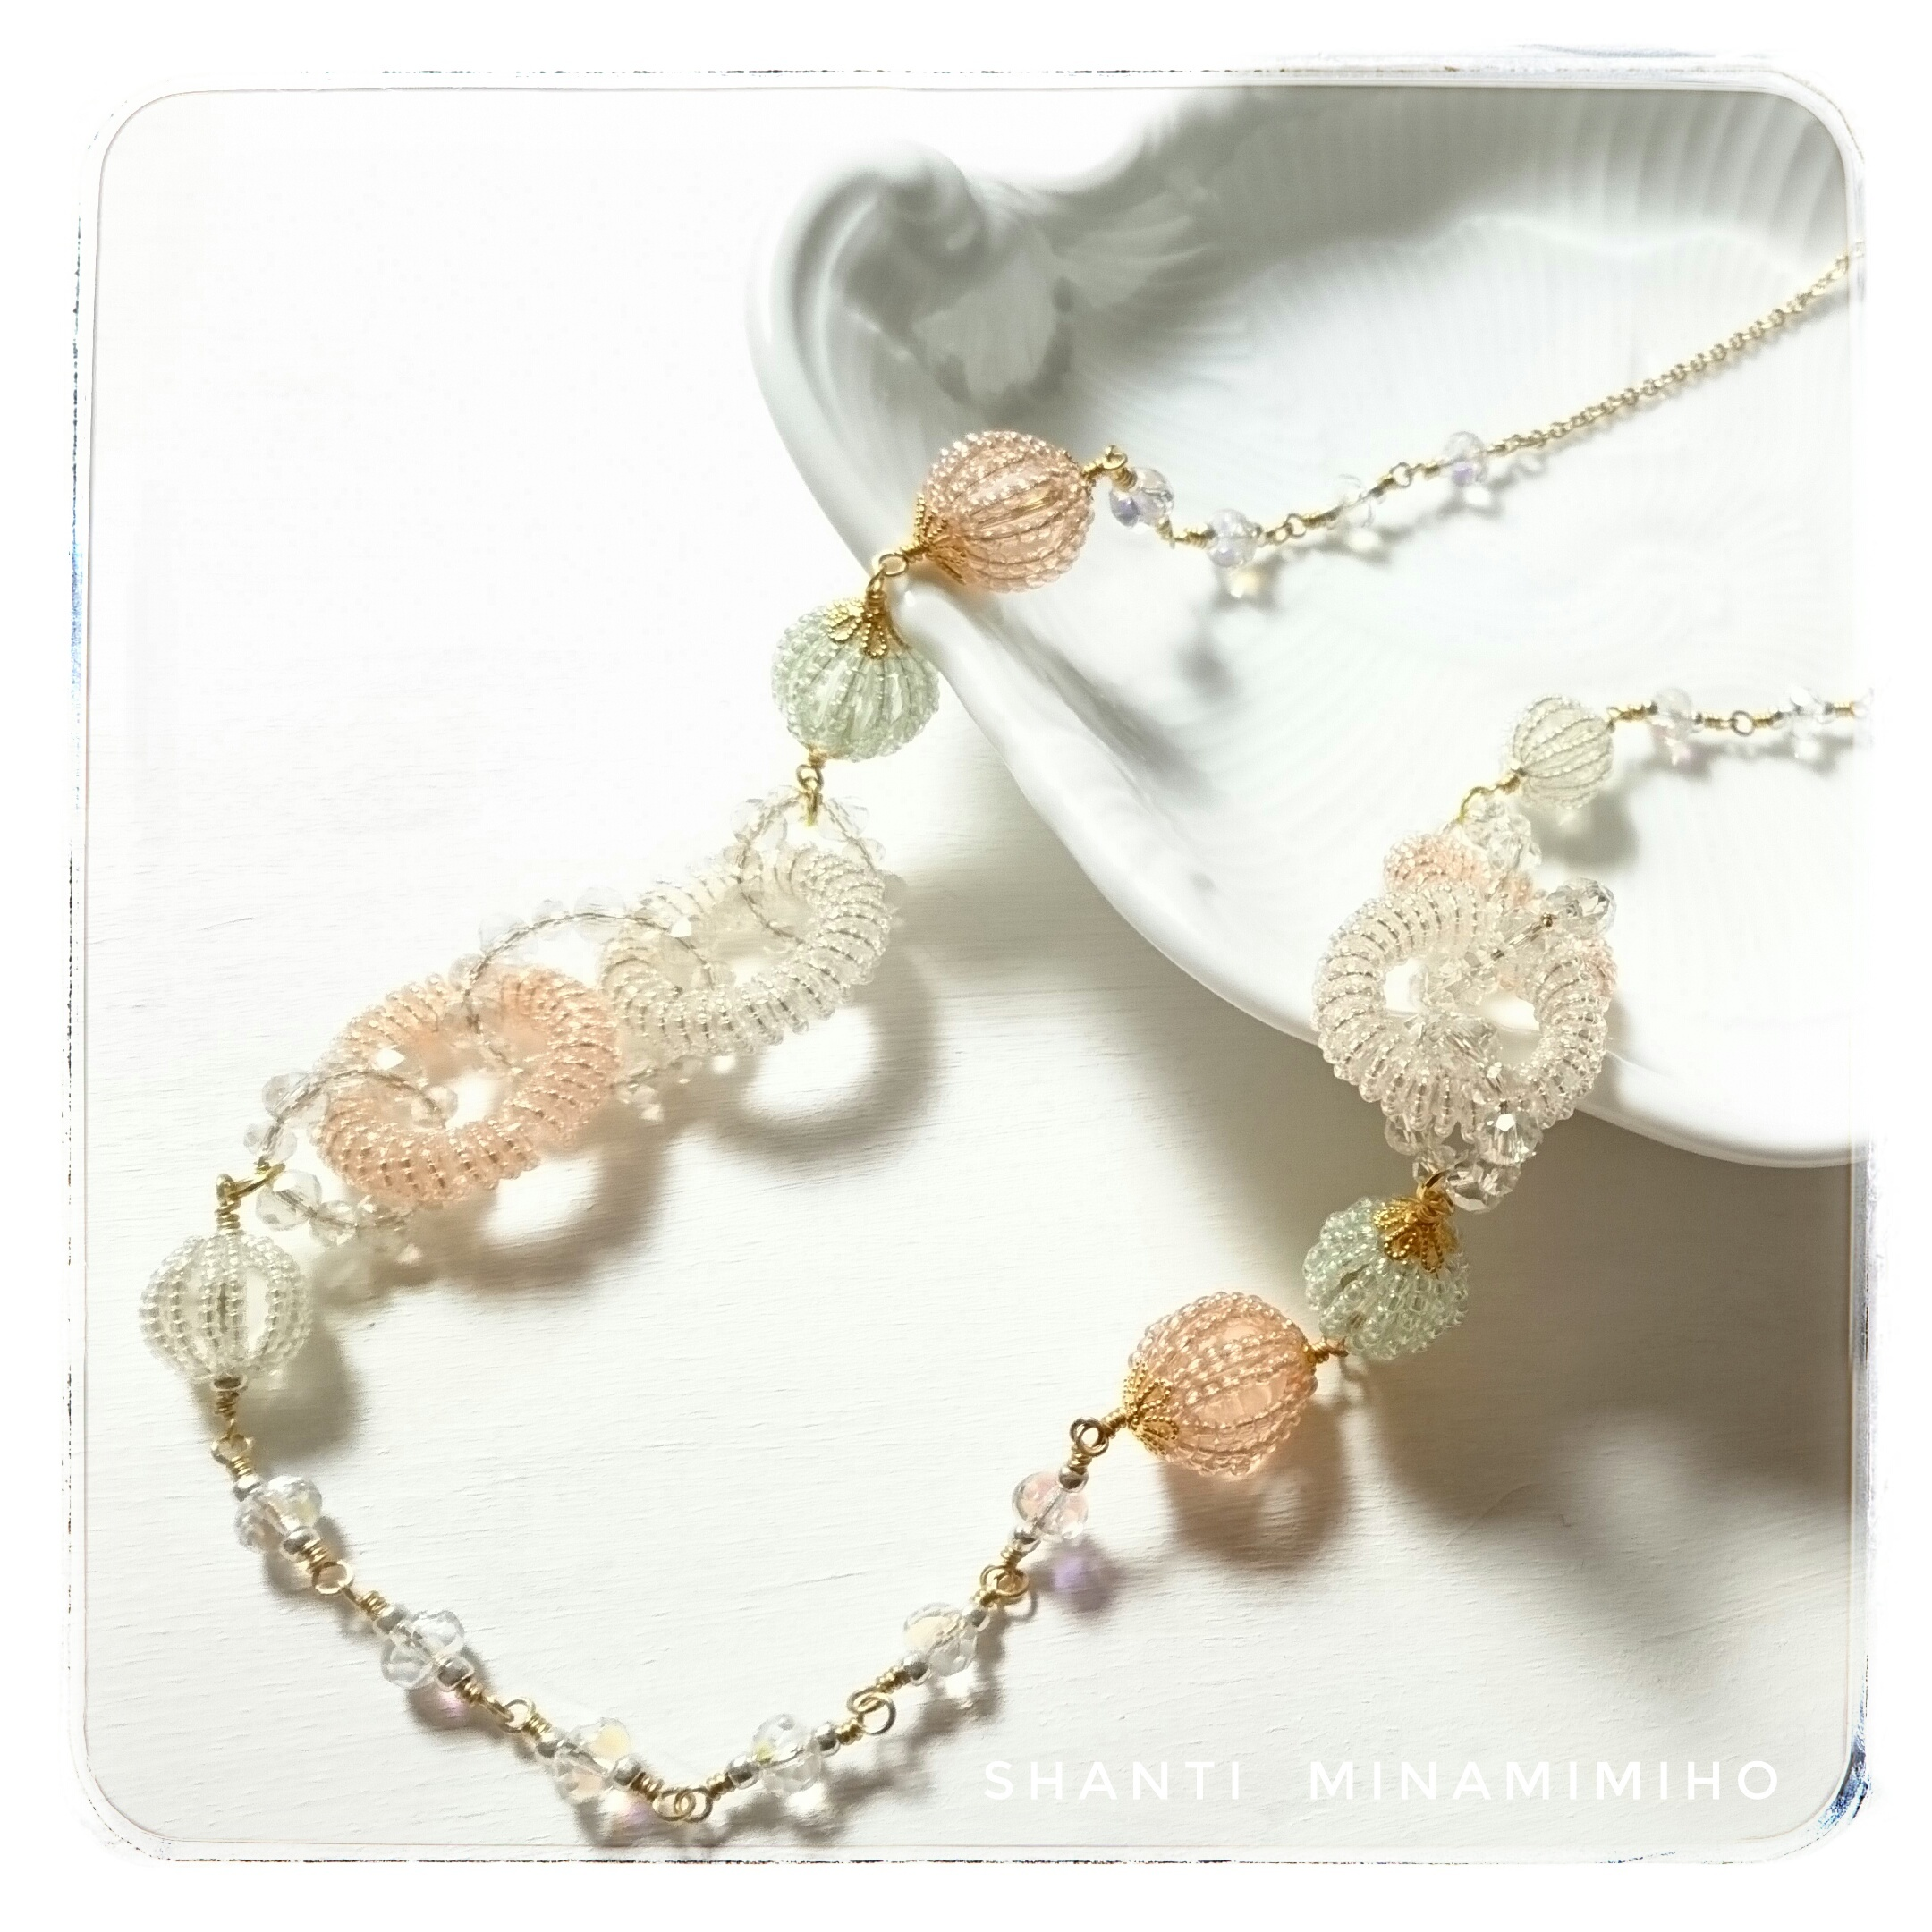 繊細なワイヤーワークと透明感ある淡い色使いが可愛いキャンディーのようなロングネックレス